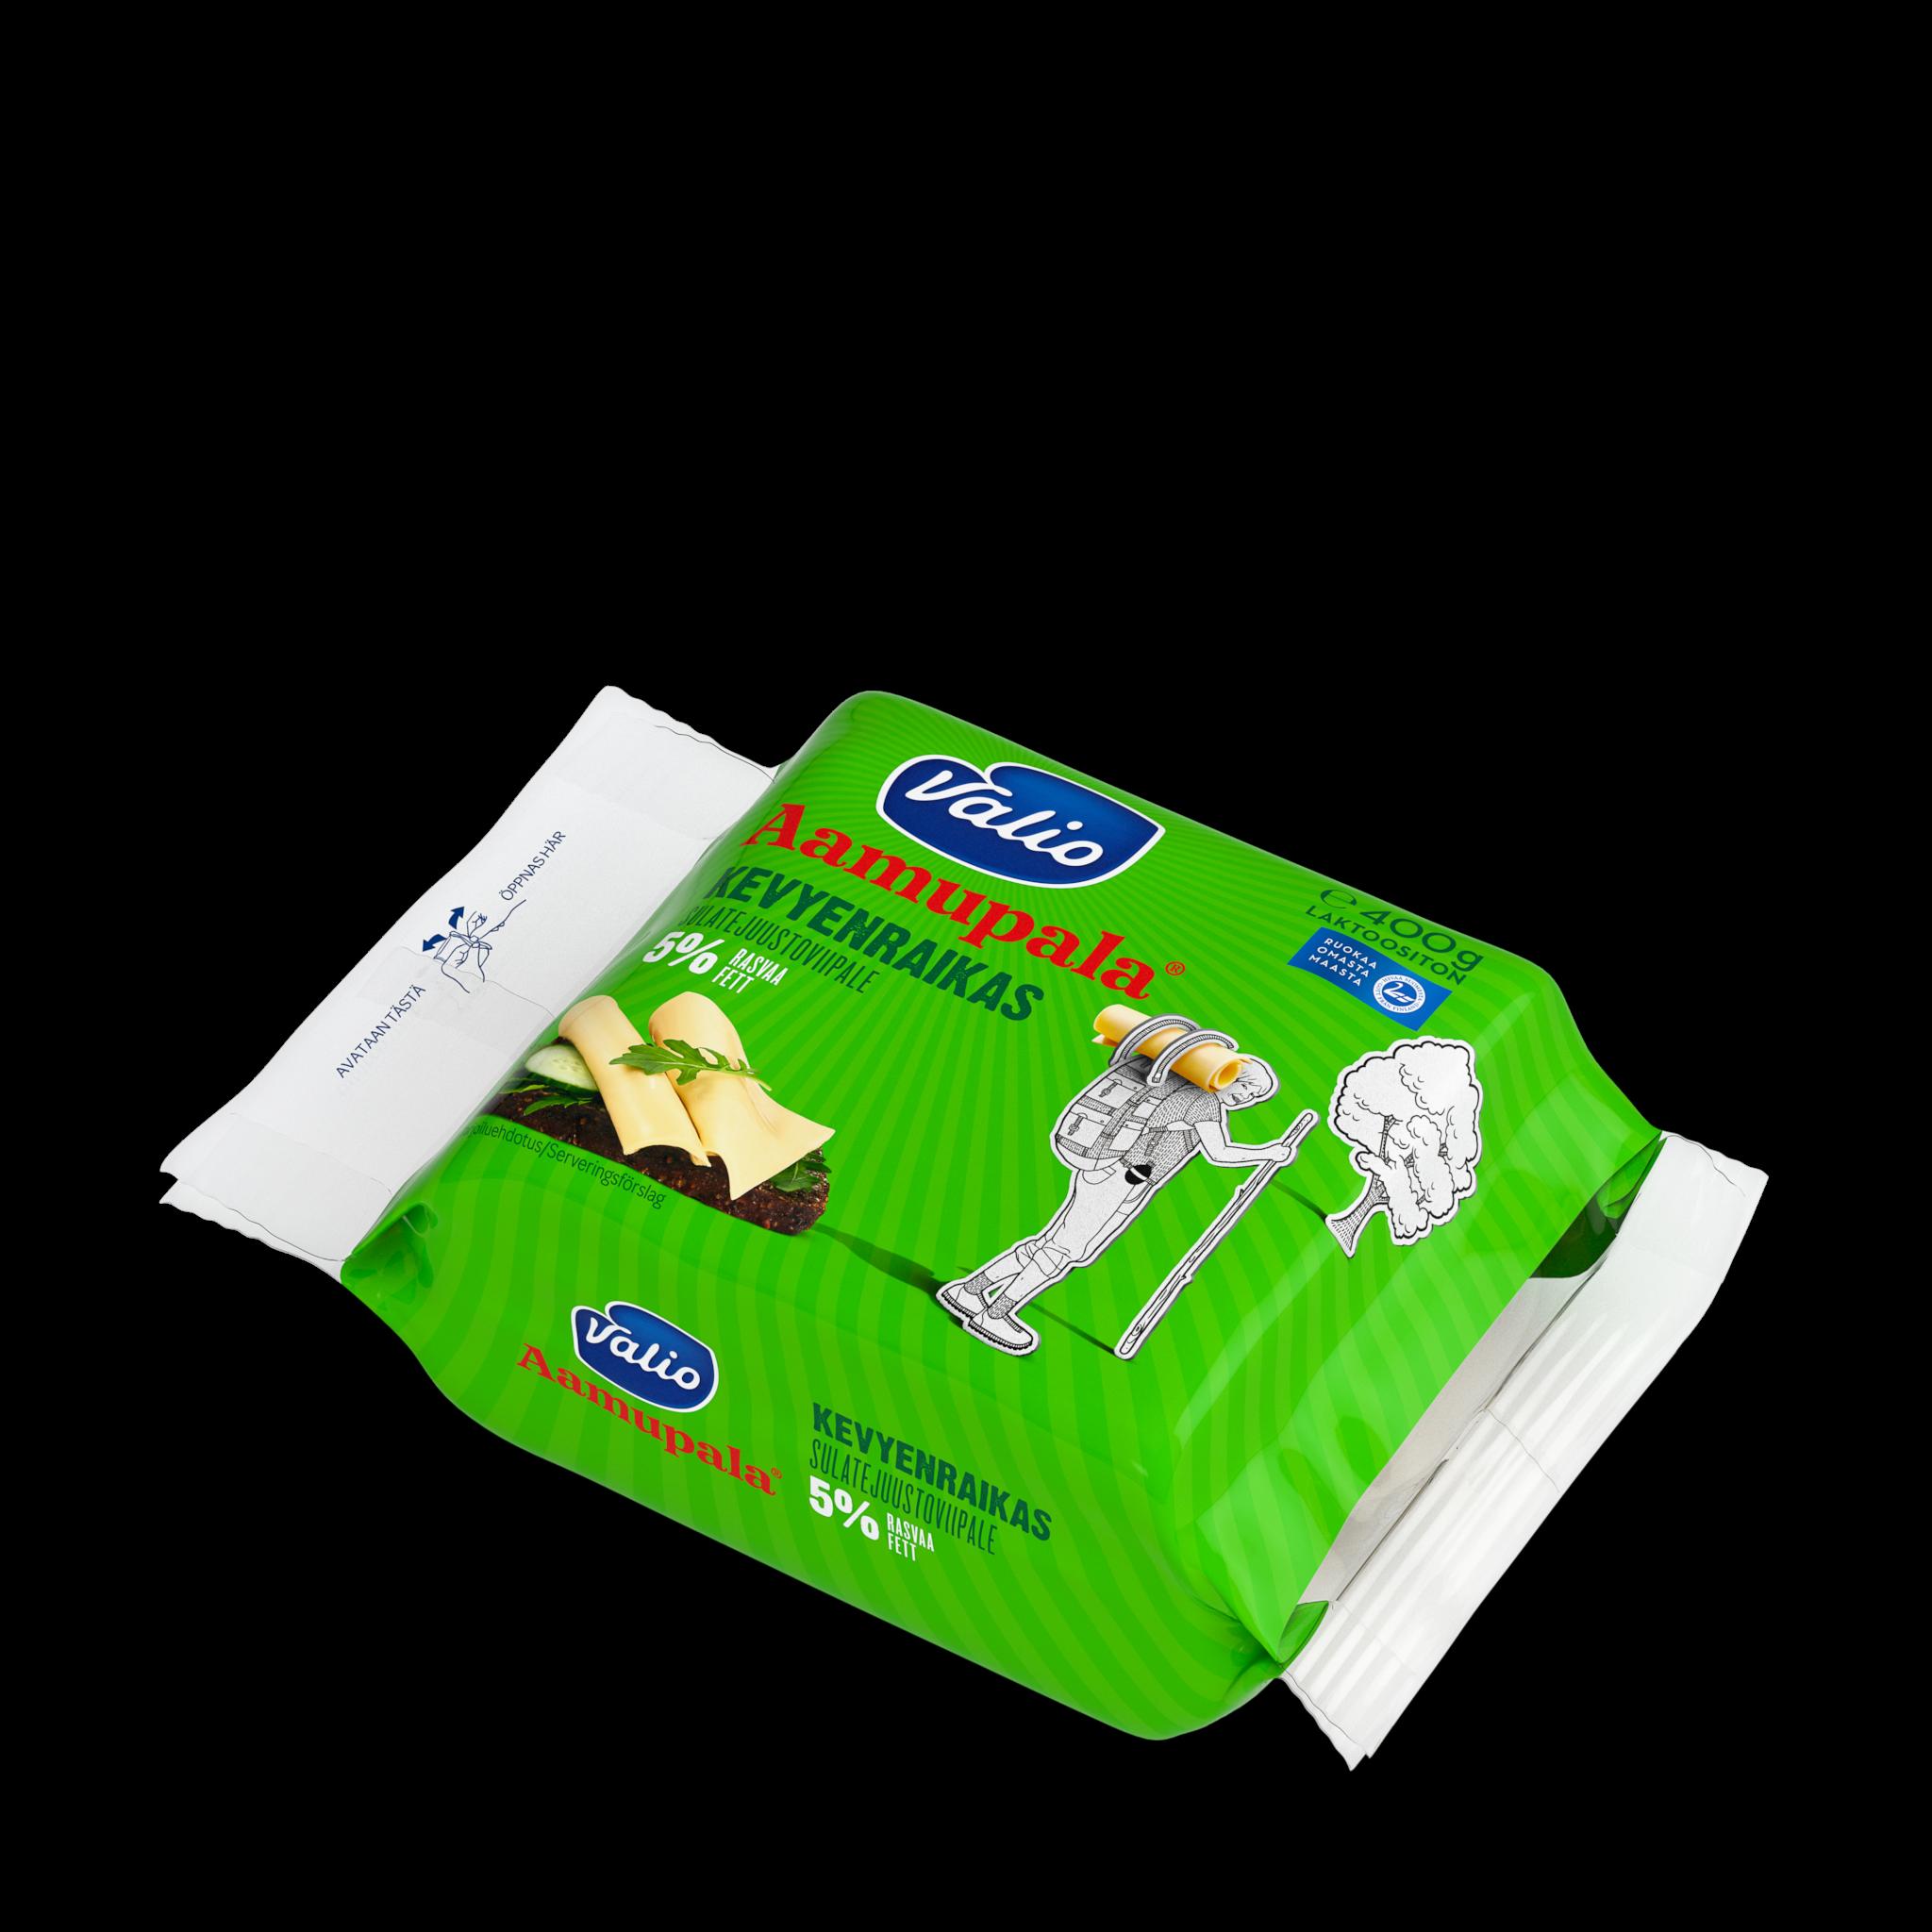 Valio Aamupala® kevyenraikas 5 % laktoositon